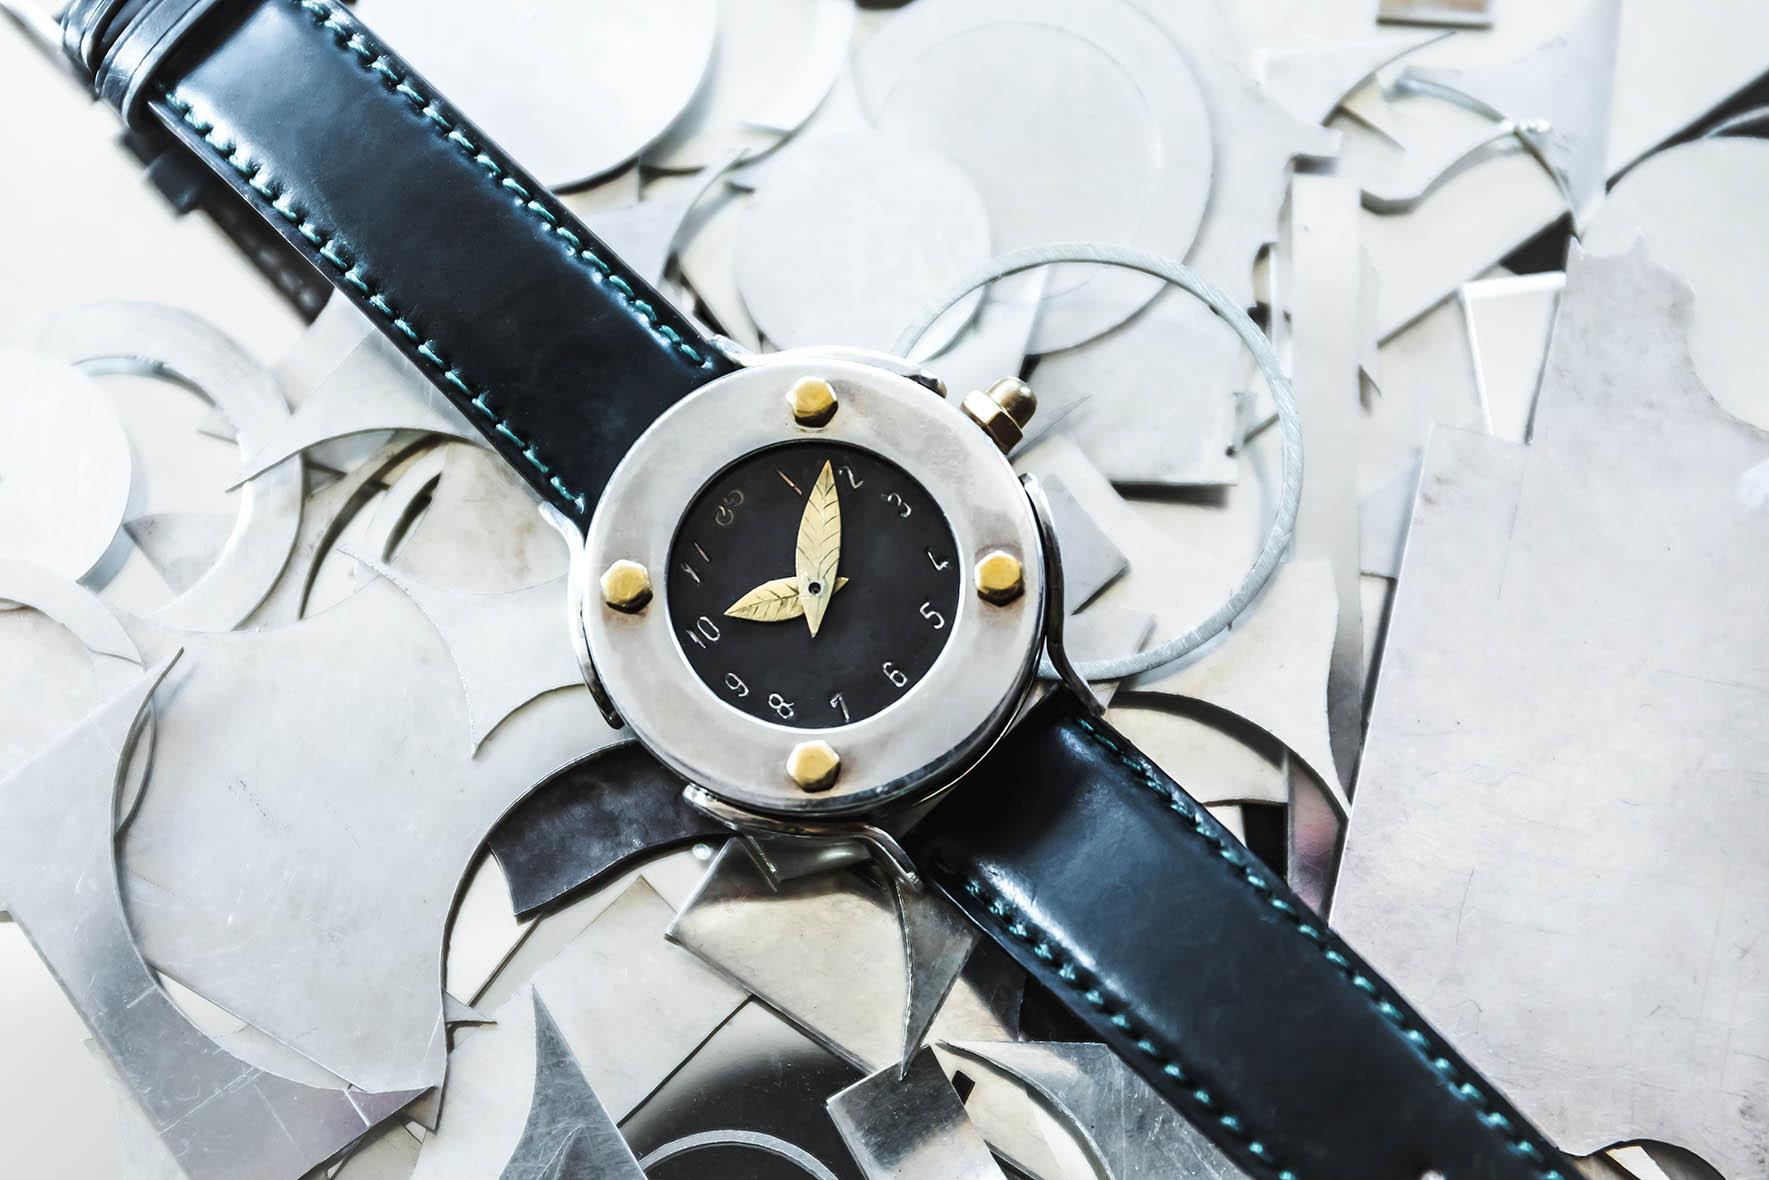 Uhrenmanufaktur Deutschland | Atelier Horloges - Jochen Leopold